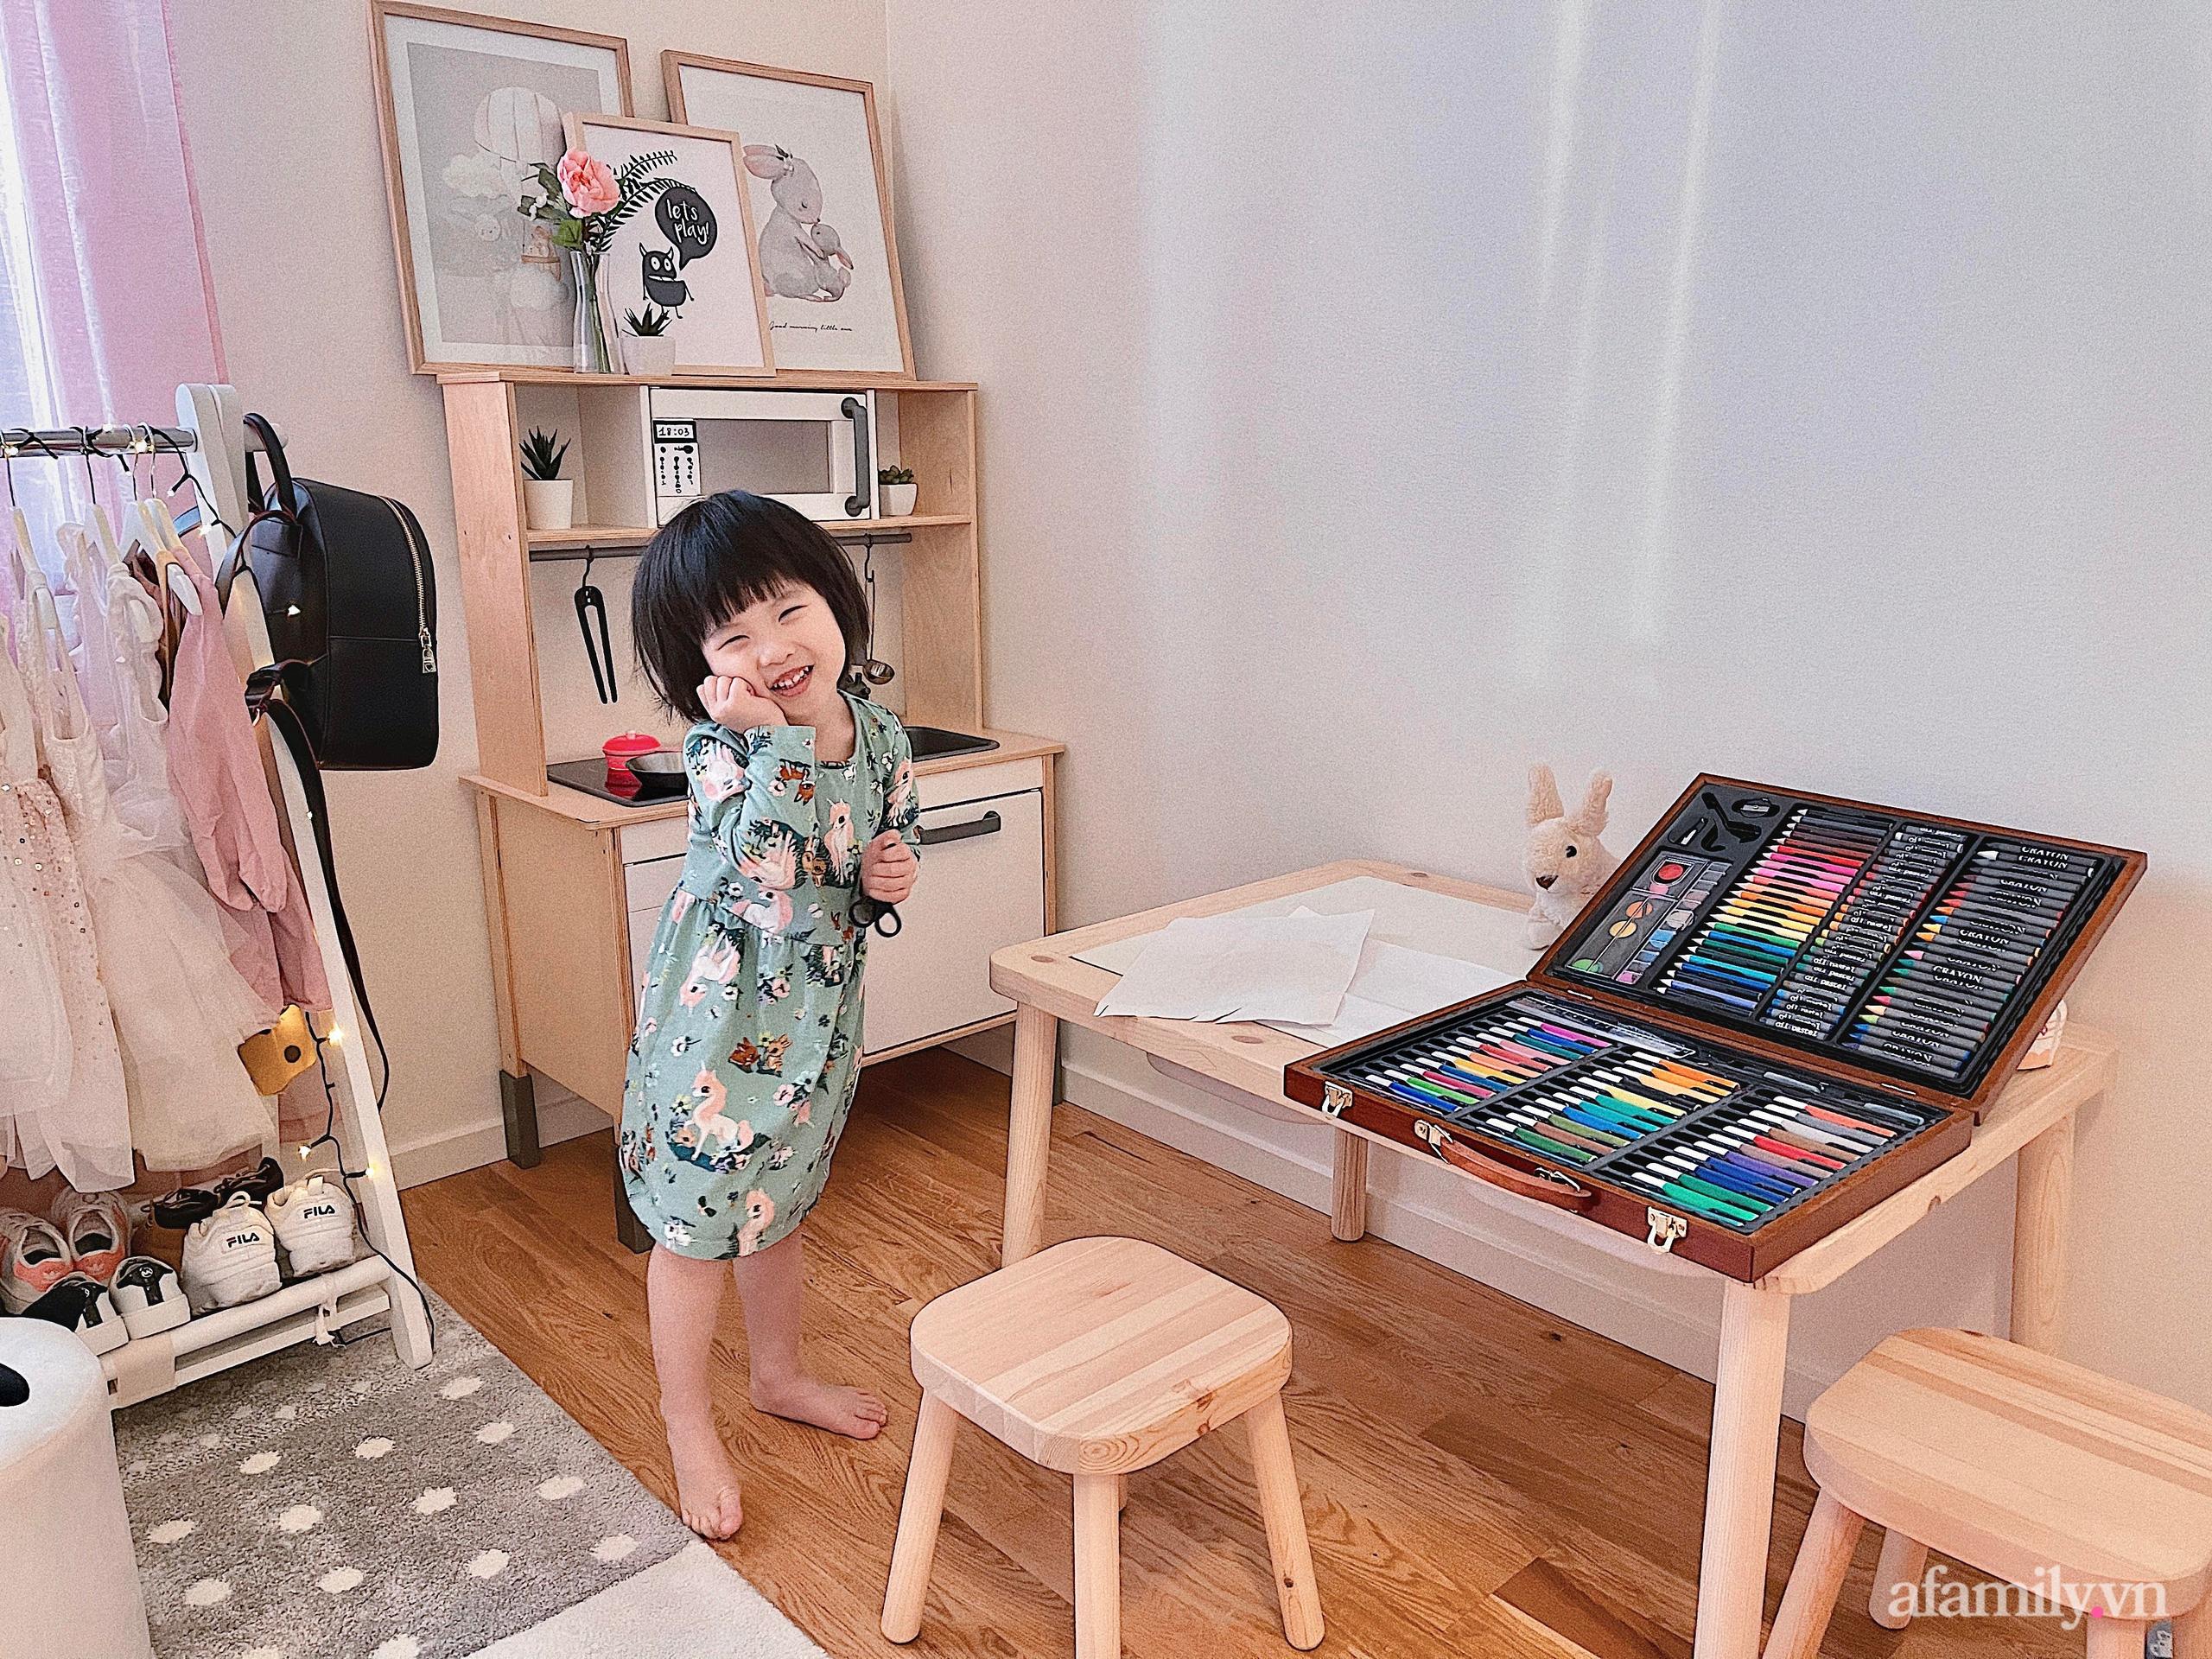 """Căn phòng màu hồng ngọt ngào """"lịm tim"""" bố mẹ thiết kế dành tặng con gái 3 tuổi - Ảnh 3."""